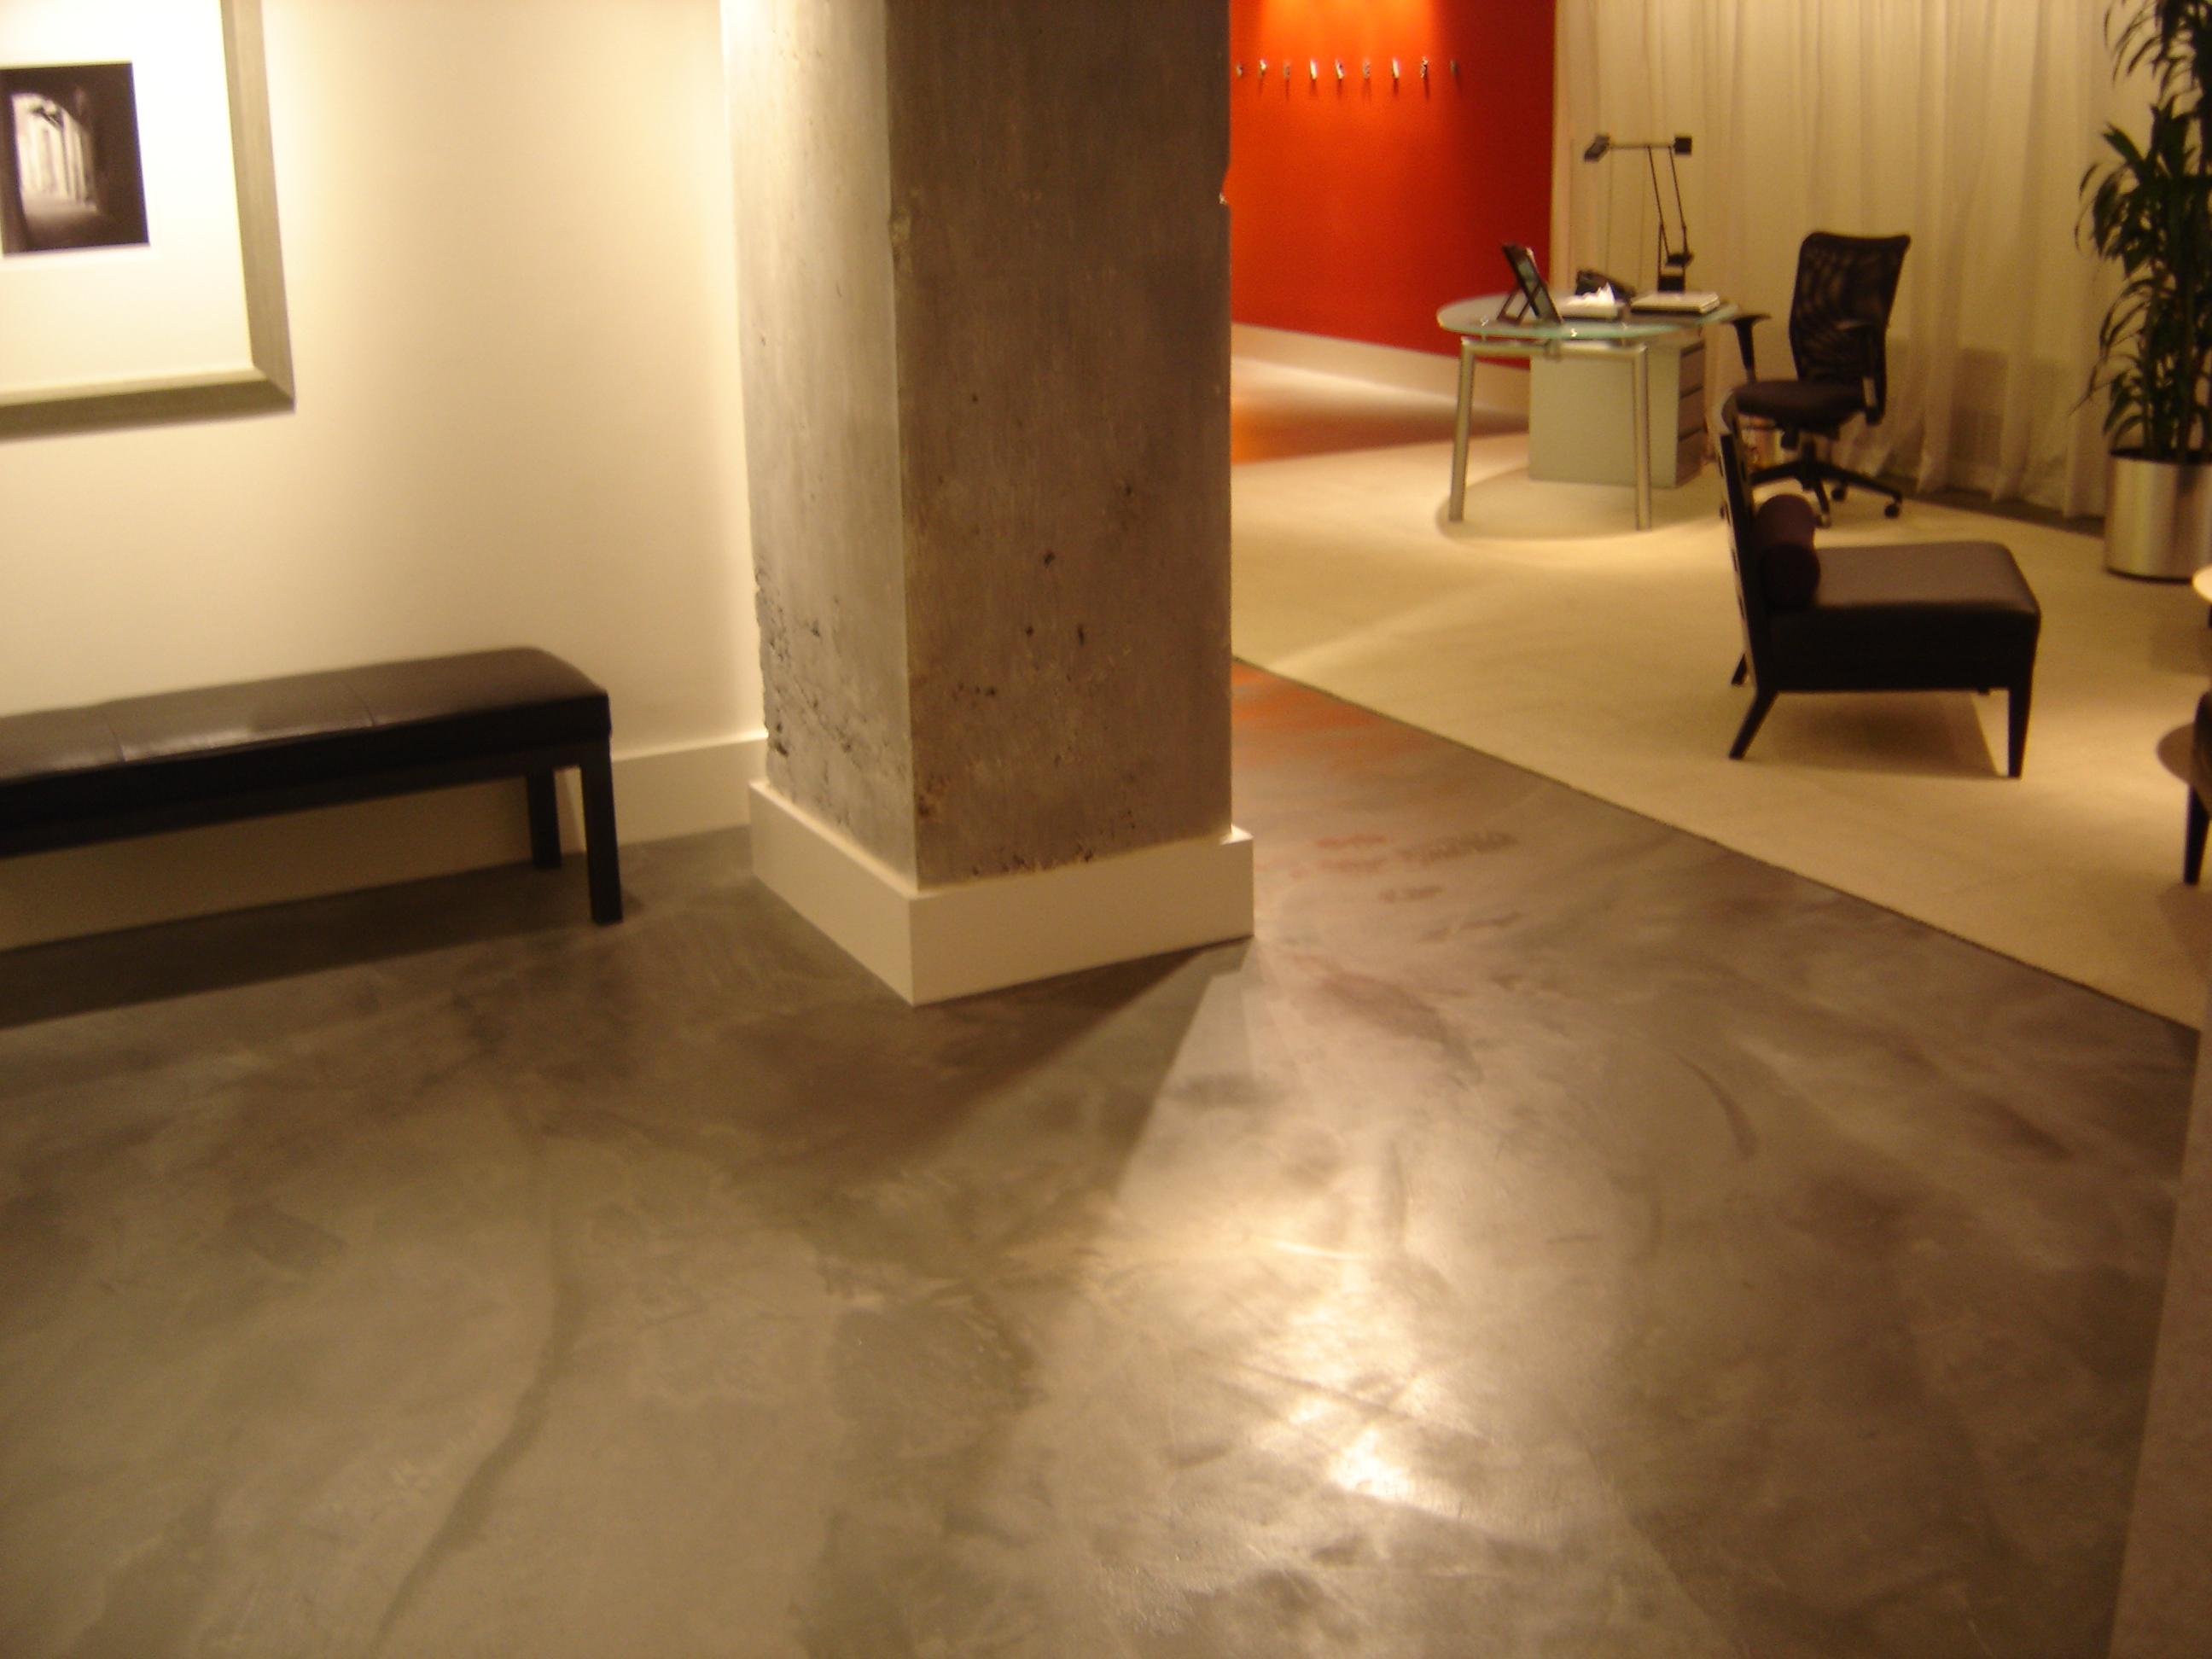 Que pintura necesito para pintar mi suelo pinturas coche for Suelos de cemento para interiores